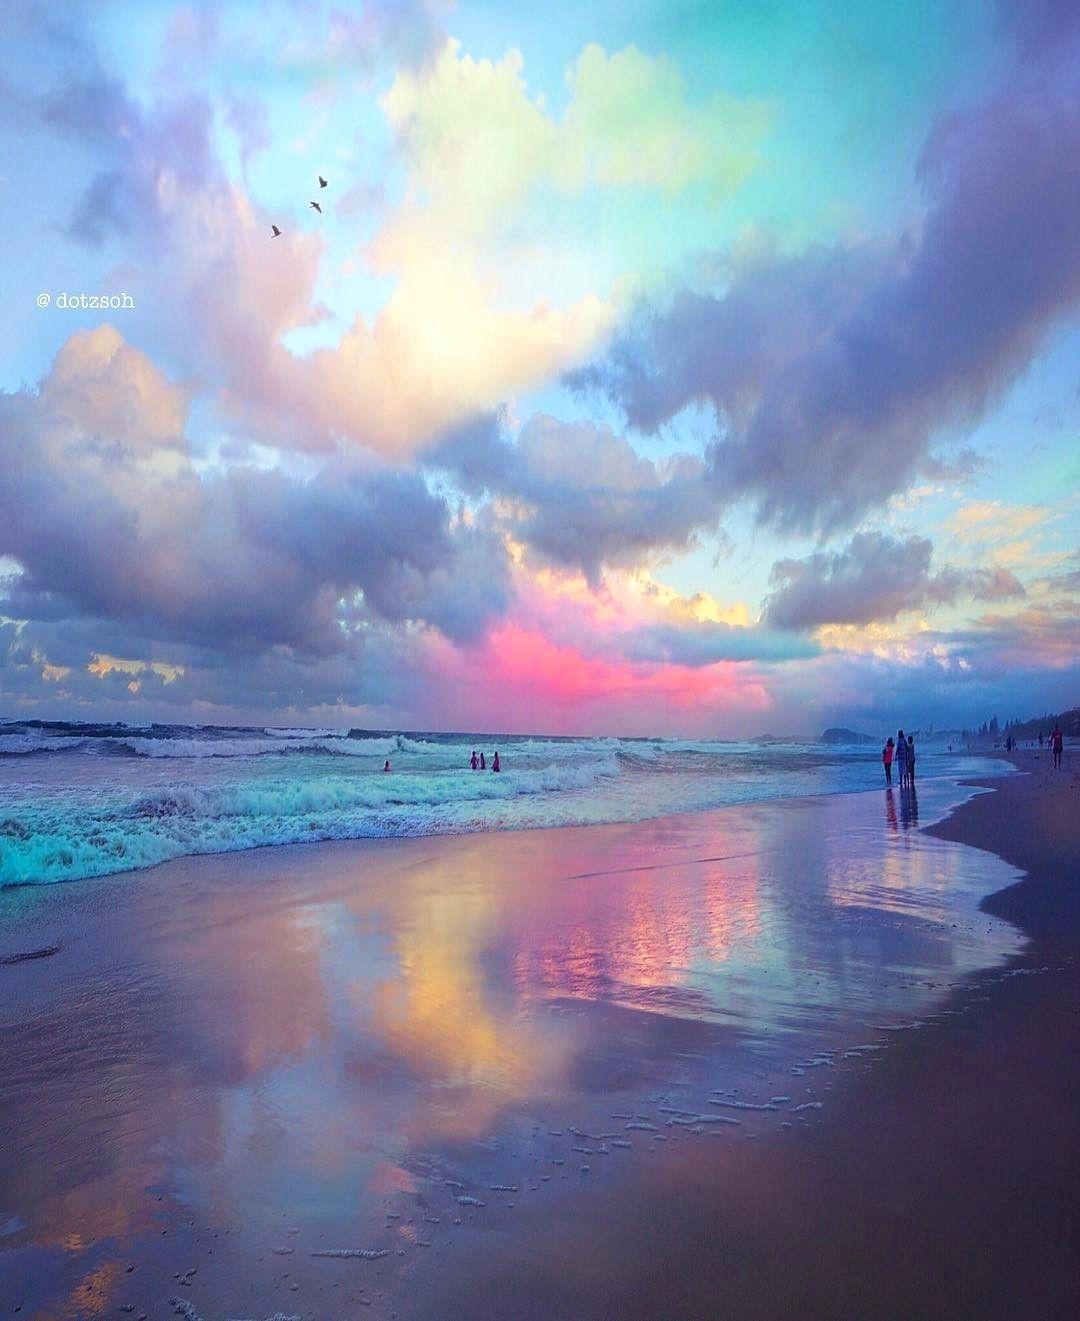 Einhorn-Sonnenuntergang in Australien von Stop verschwenden Geld, indem Sie nicht UnlimitedSunse ... #Himmel #Meer #Ozean #schöneorte #see #Seegang #Sonne #Sonnenuntergang #sonnenuntergangammeer #SonnenuntergangBilder #SonnenuntergangFotos #sonnenuntergangheute #landscapepics